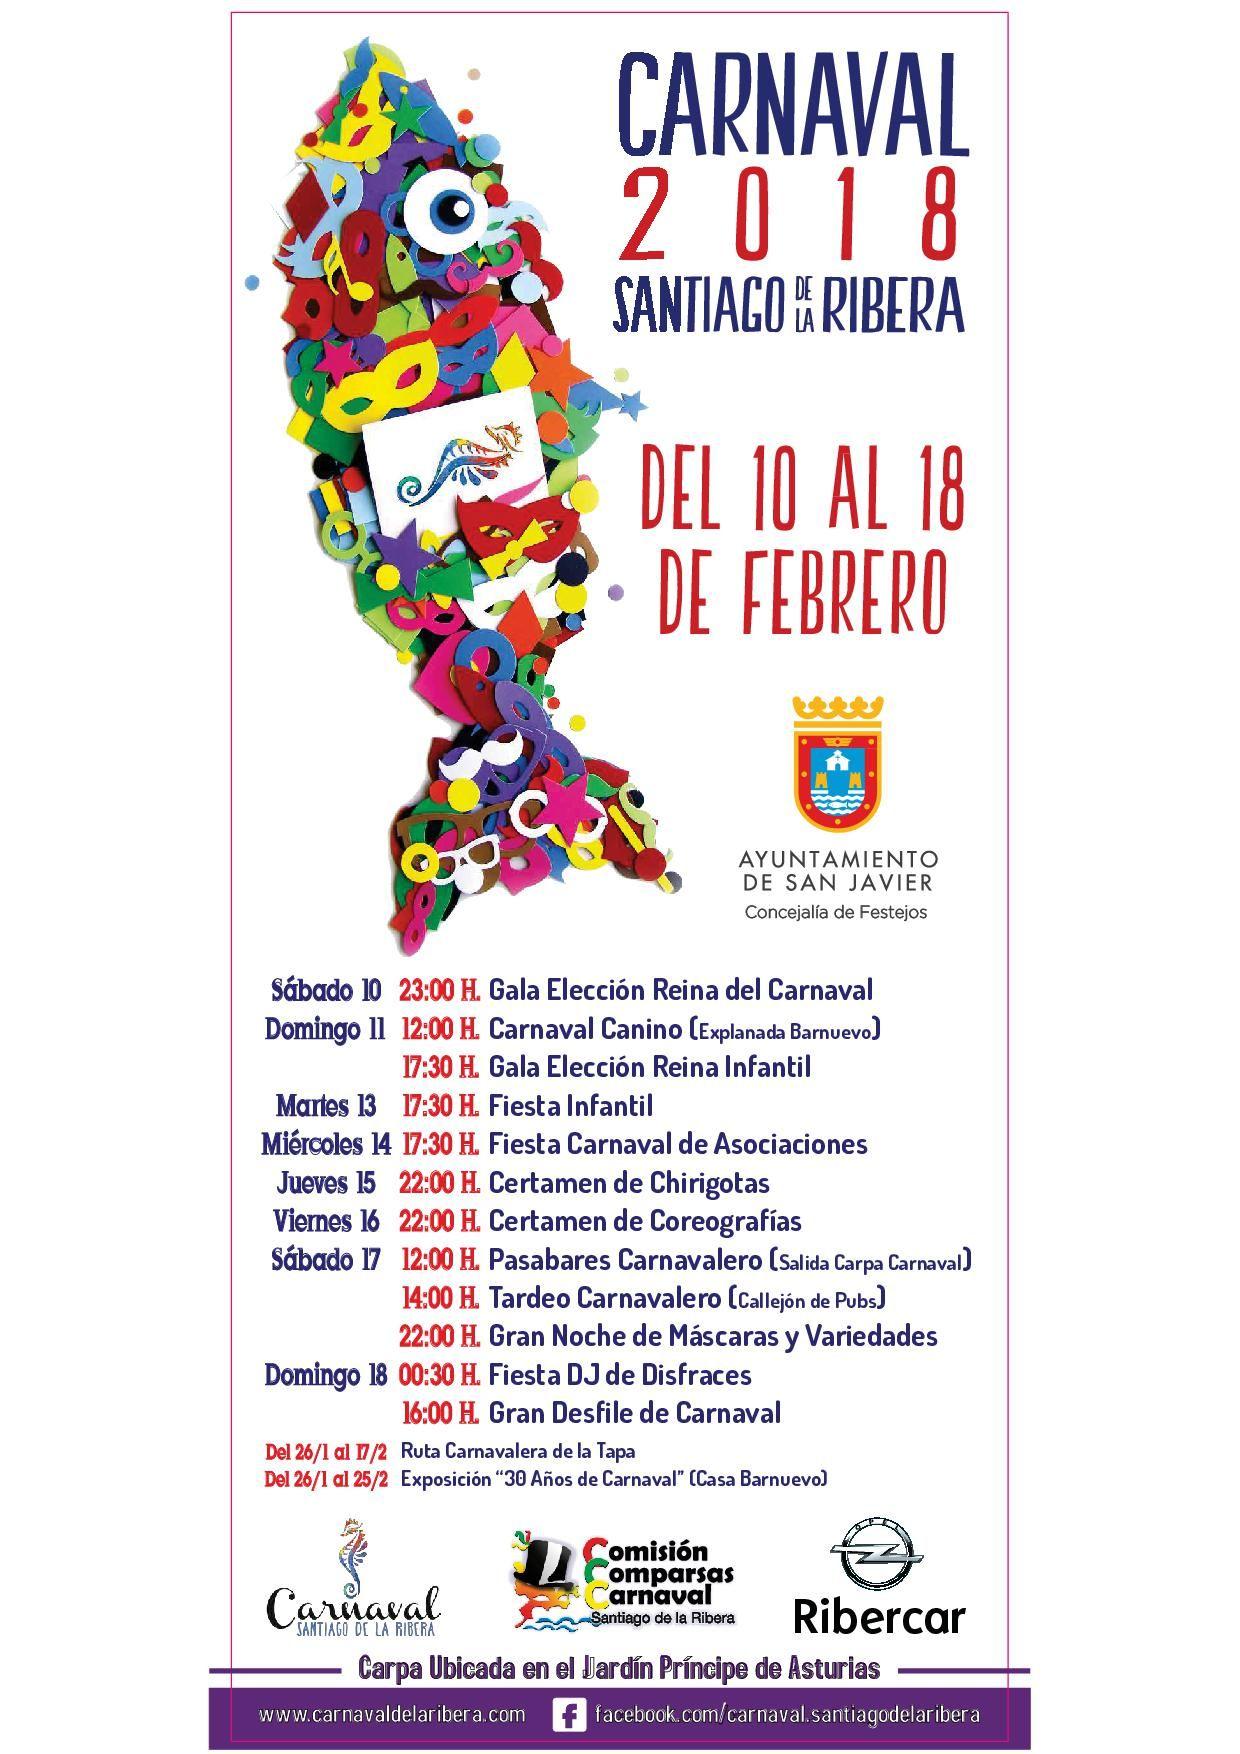 Patrocinador oficial de carnaval de Santiago de la Ribera 2018